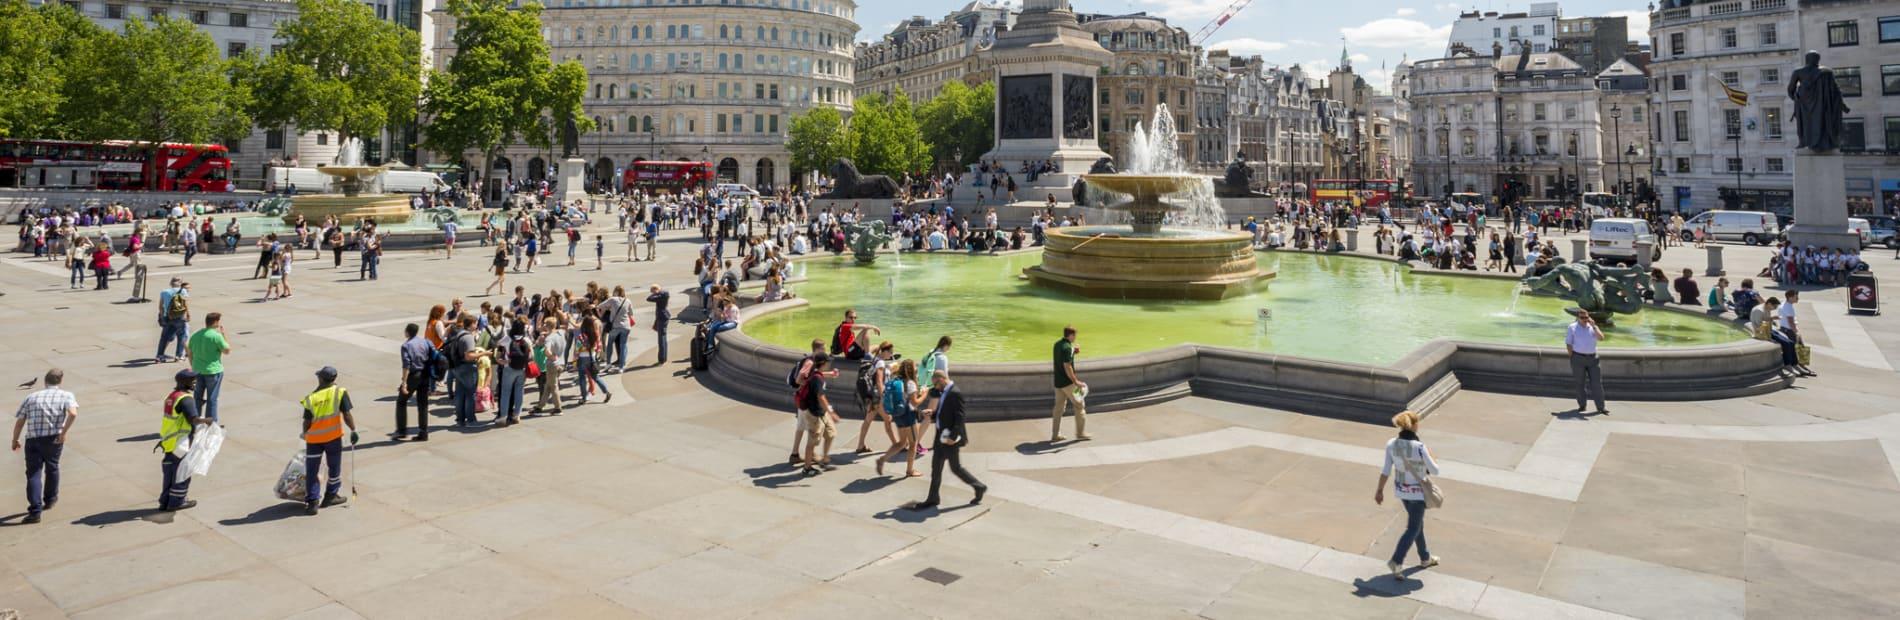 Paving in Trafalgar Square